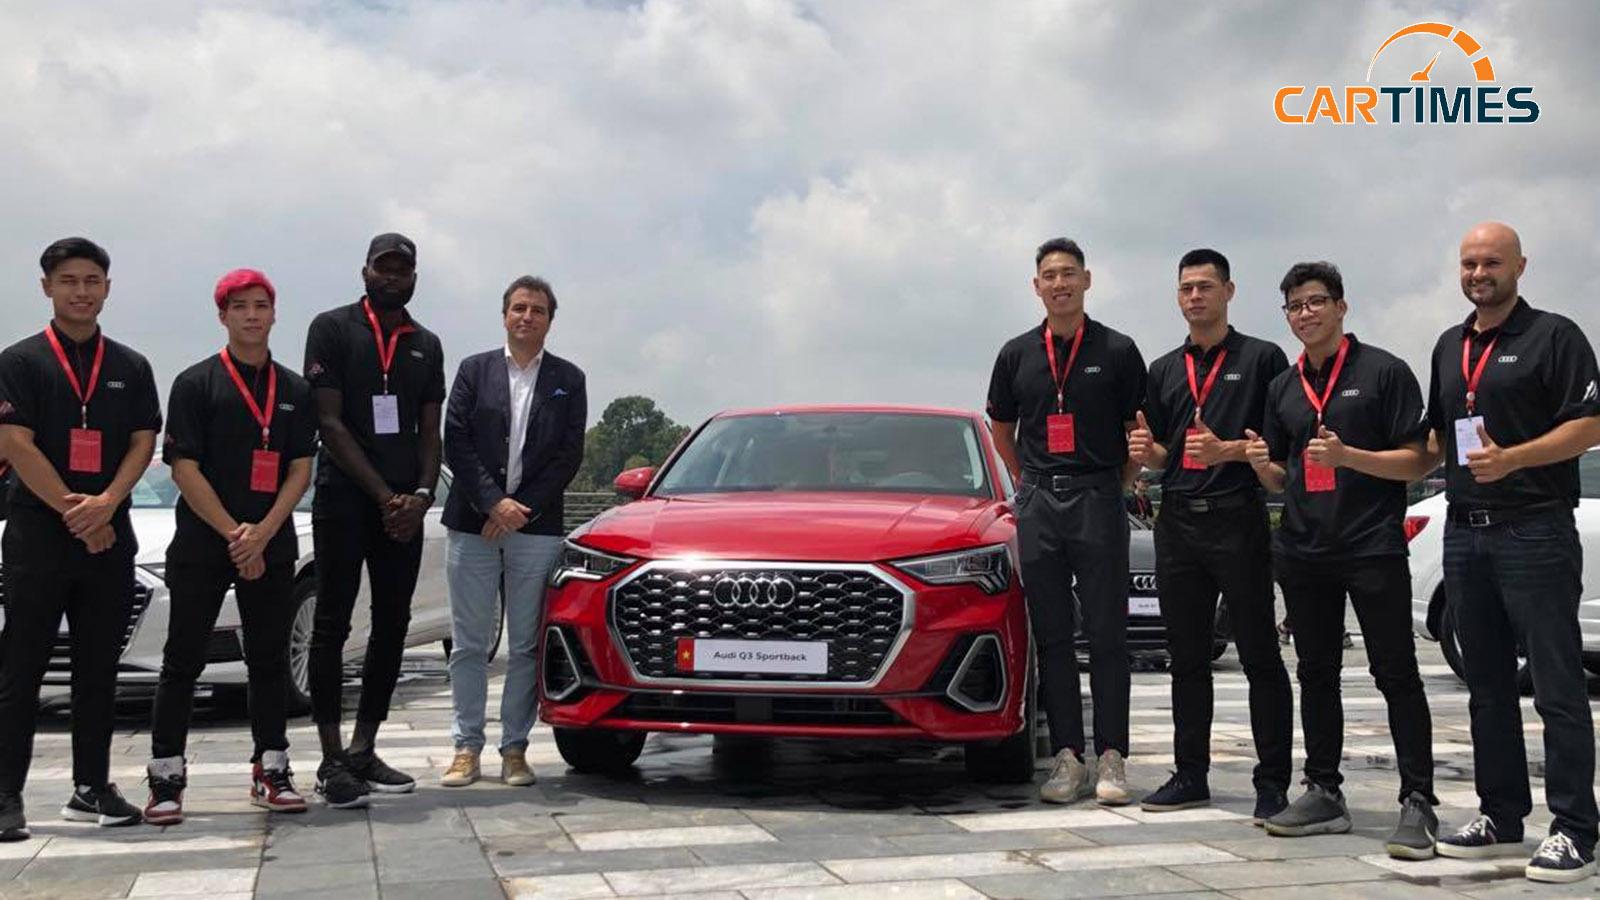 Audi Q3 Sportback ra mắt tại Việt Nam, giá bán khiến nhiều người tò mò -4